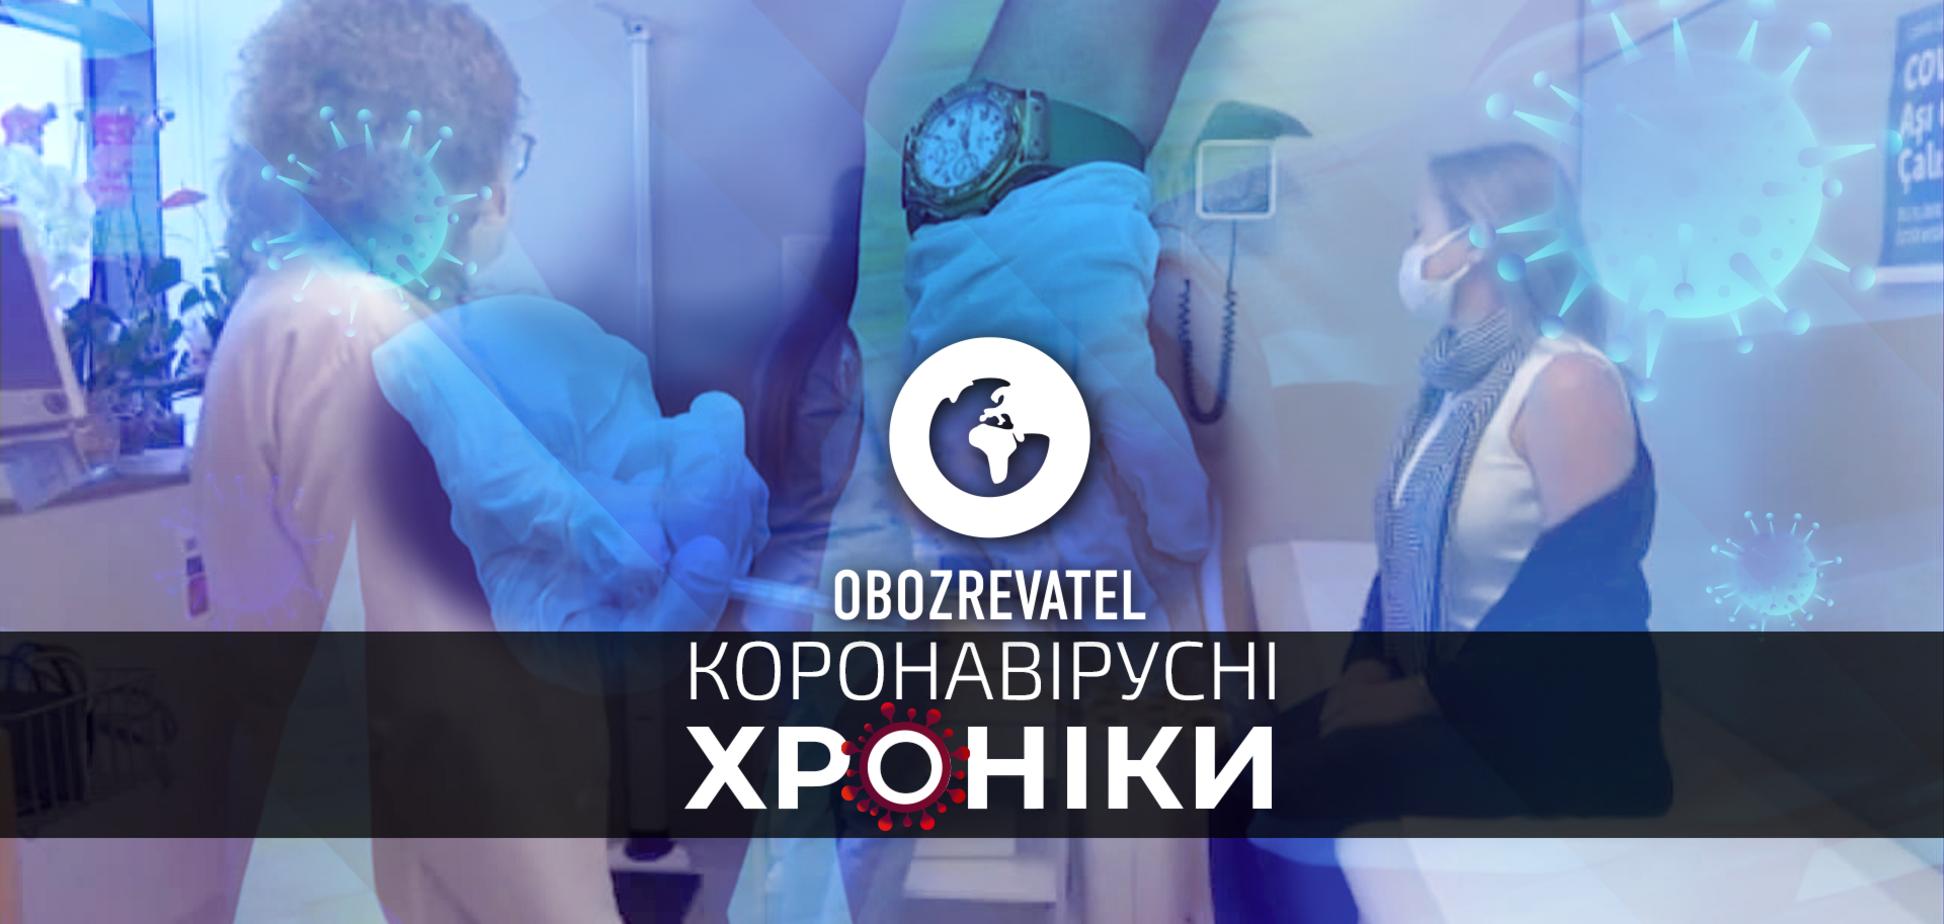 Третій антикоронавірусний укол усім охочим в Ізраїлі, а у Туреччині планують ввести нові правила для громадян і туристів – коронавірусні хроніки